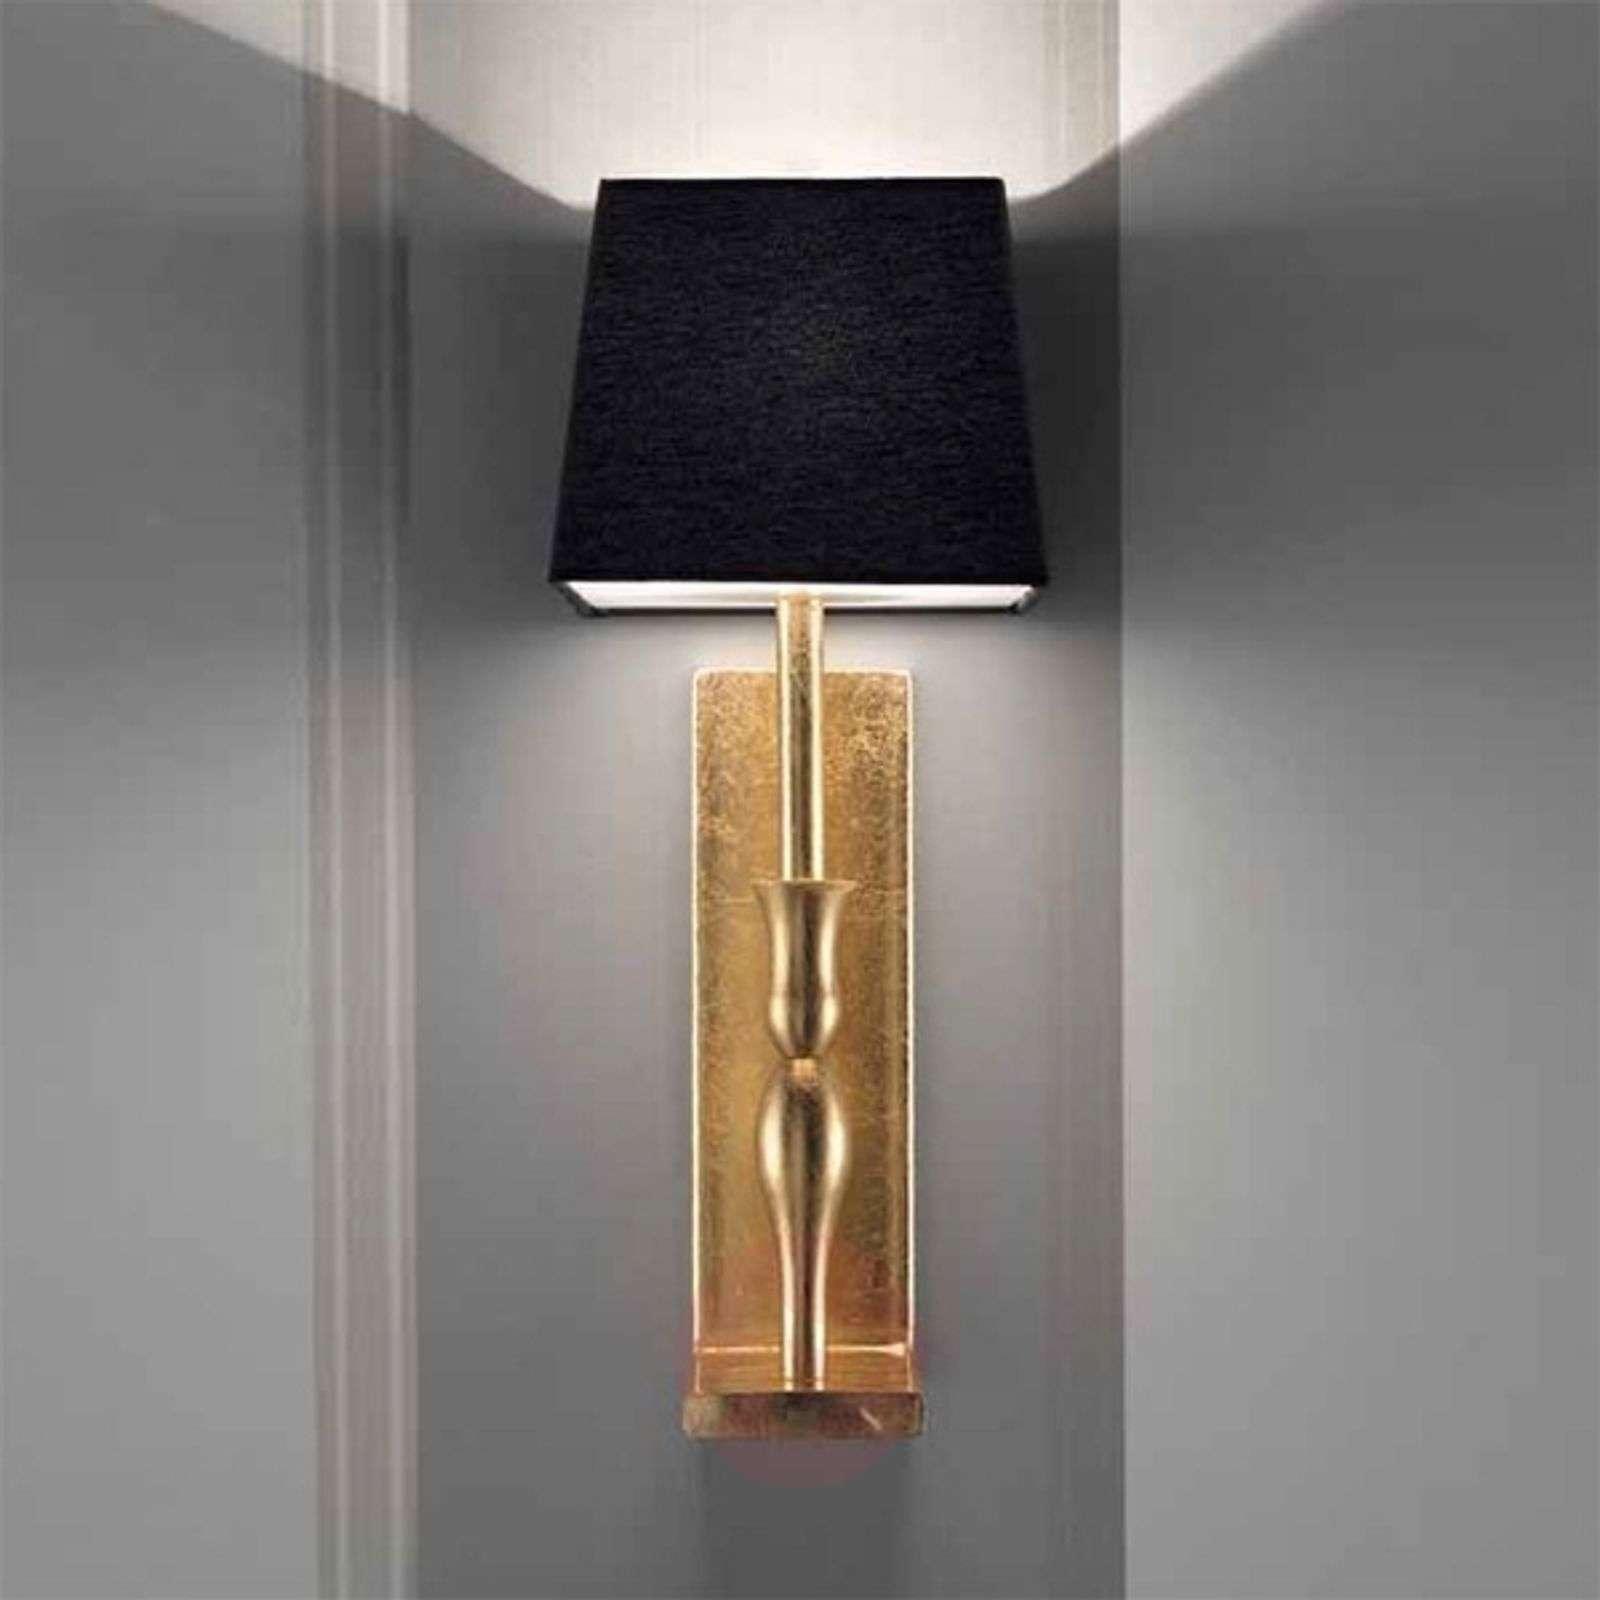 Musta-kultainen seinävalaisin Slim-6516226-01